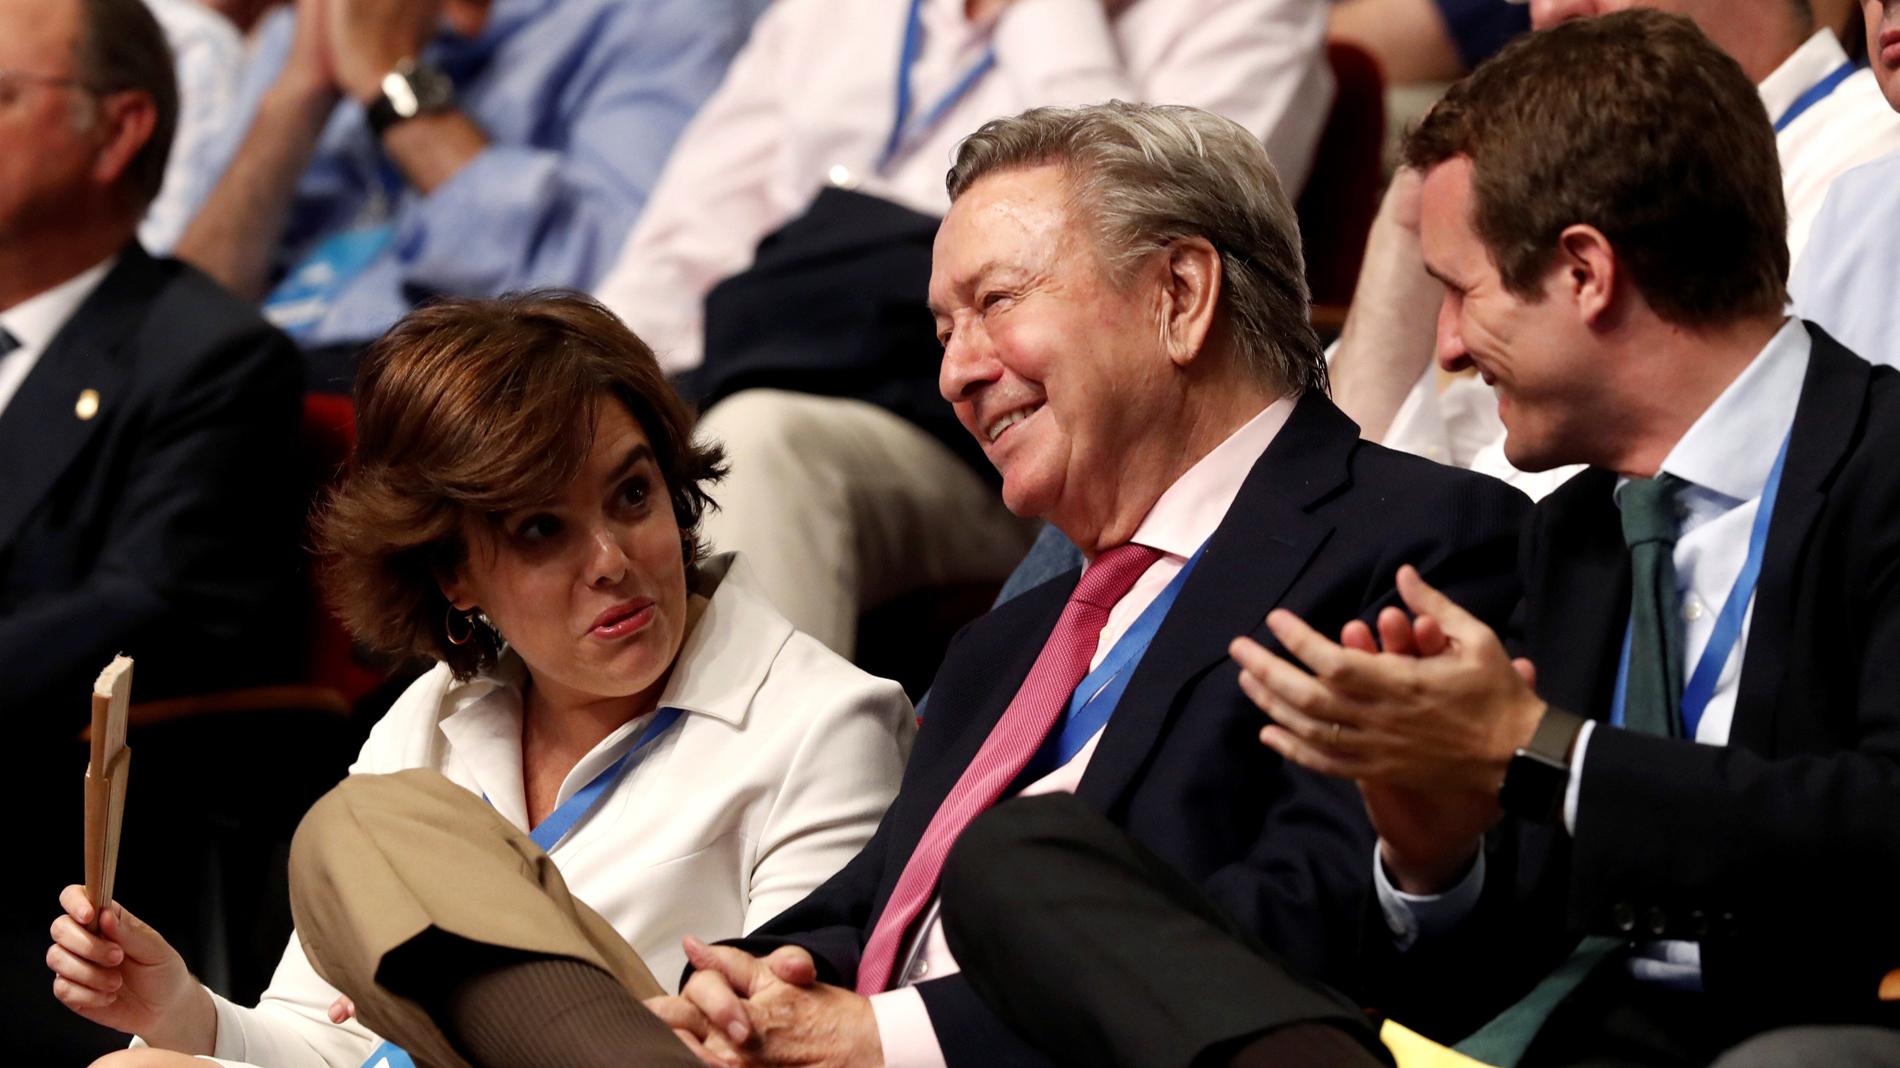 Congreso del PP | El PP, a unas horas de saber quién presidirá el partido después de Rajoy